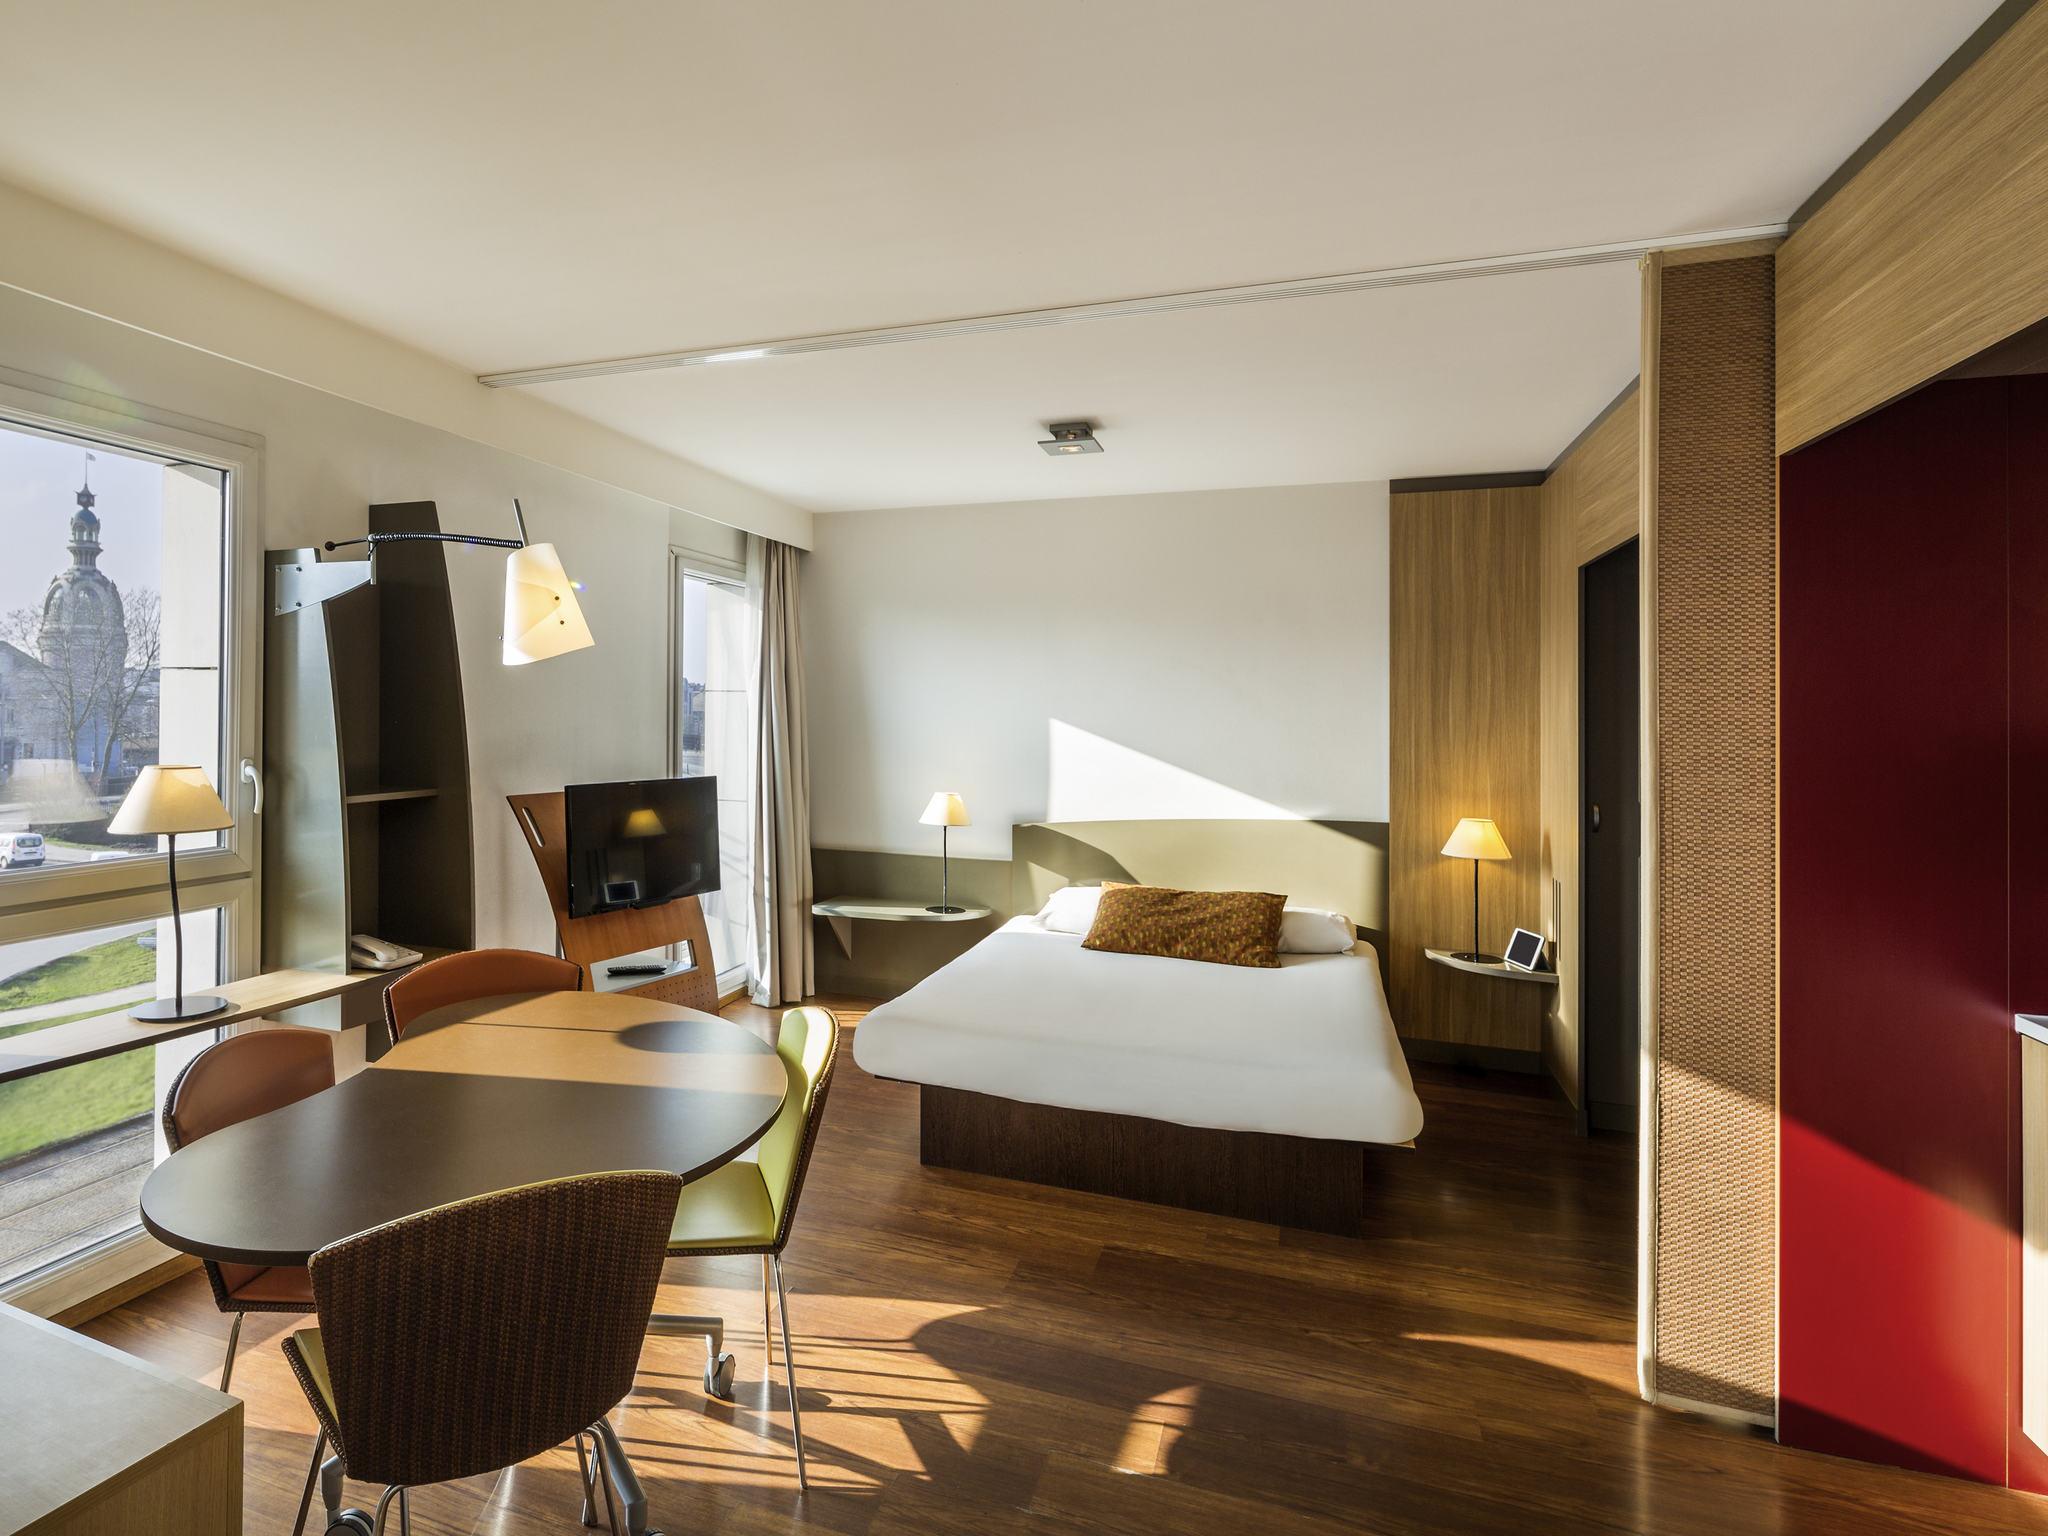 فندق - Aparthotel Adagio Nantes Centre